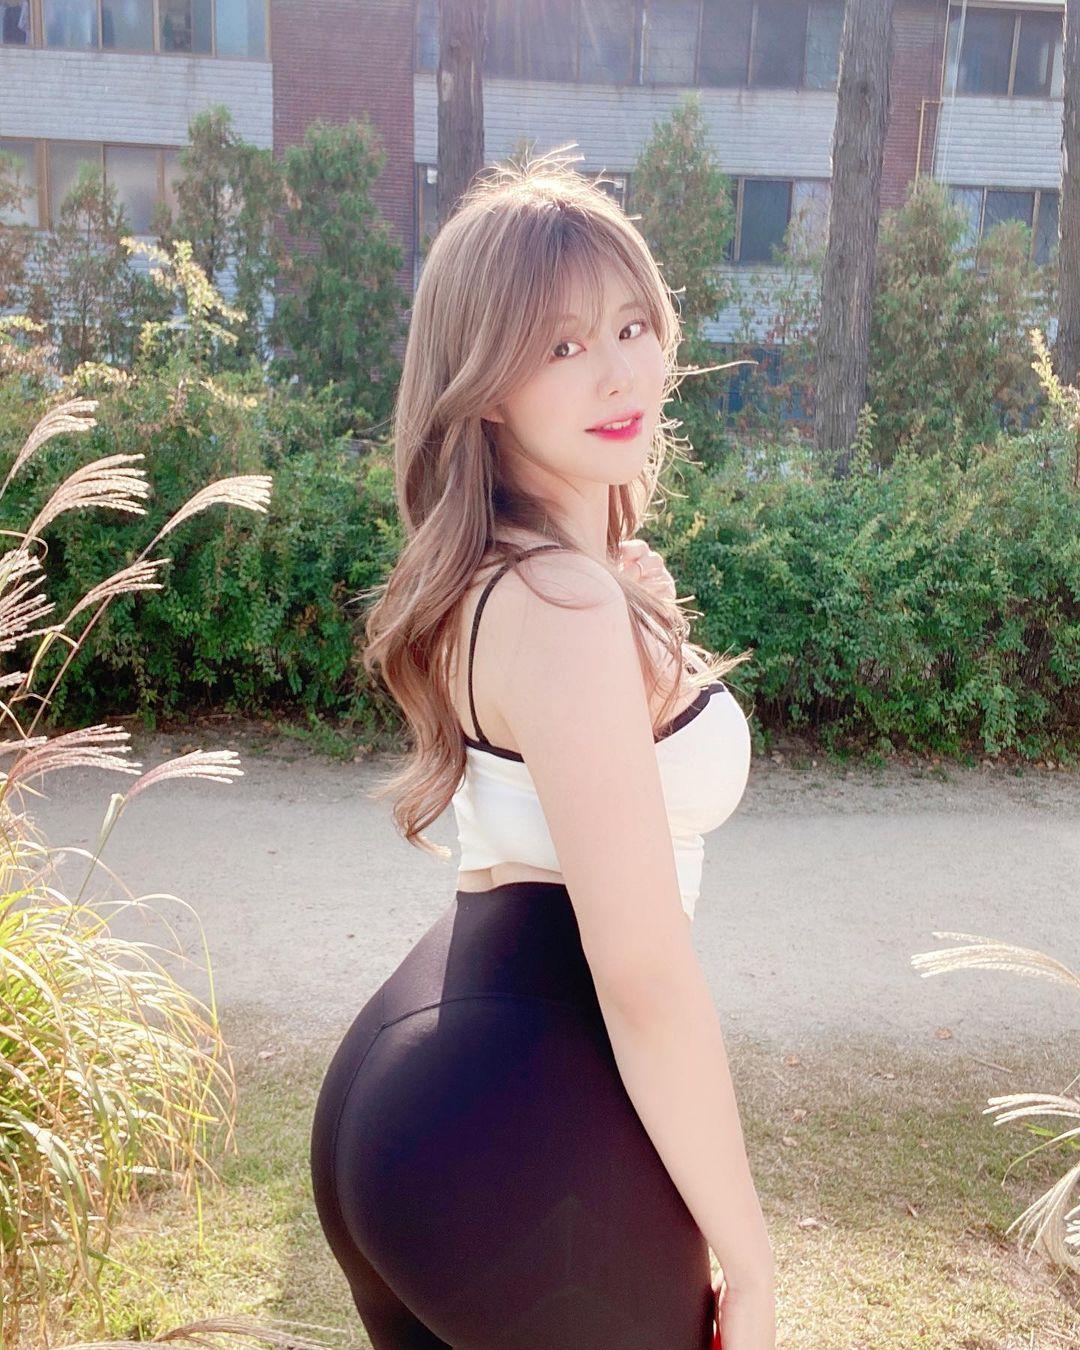 Nàng béo siêu xinh xứ Hàn từng có vòng 2 gần 1 mét làm cách nào để mũm mĩm vẫn đẹp? - hình ảnh 1